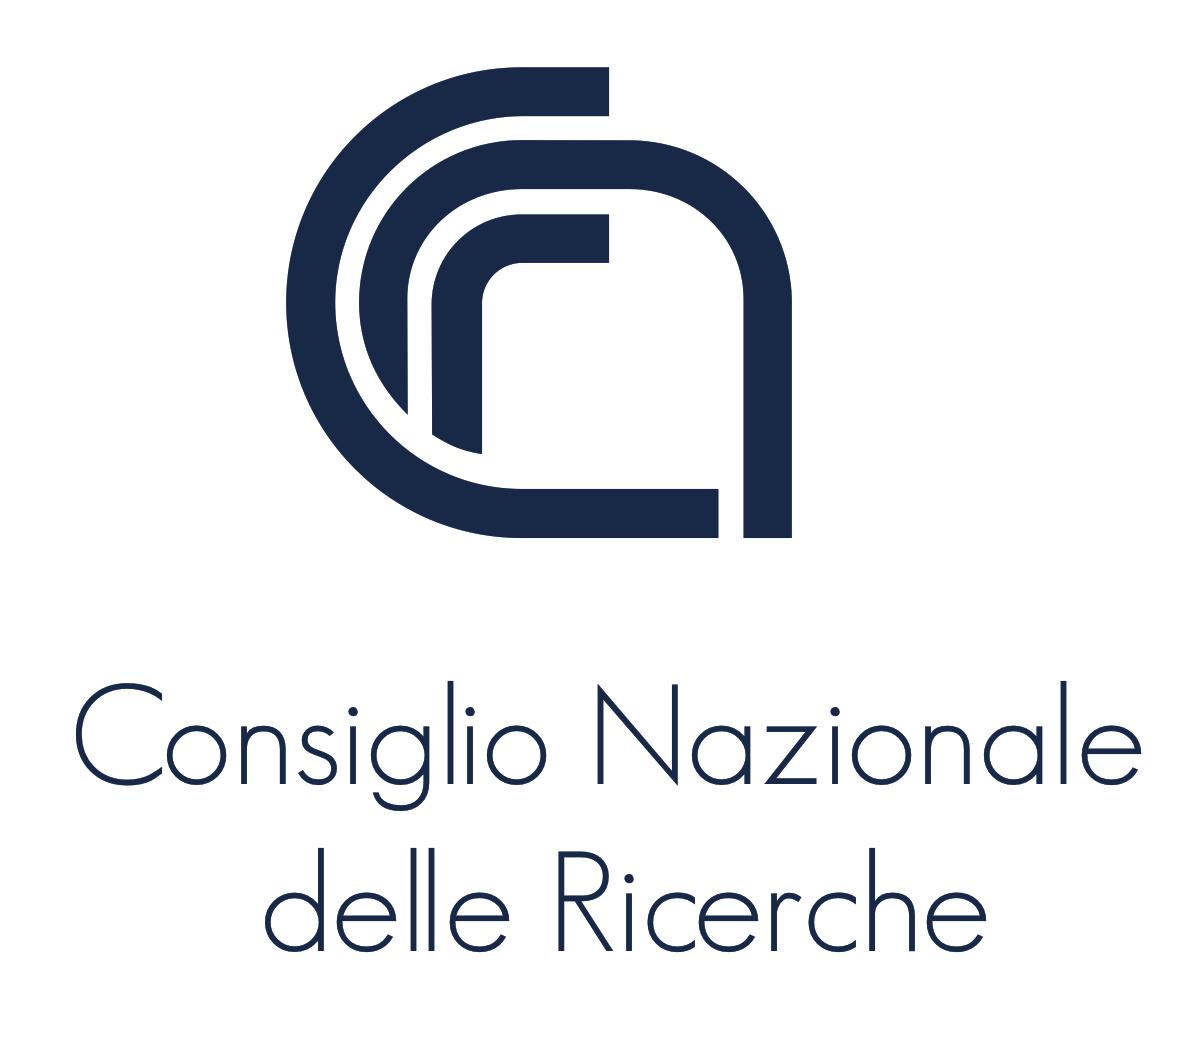 consiglio-nazionale-delle-ricerche